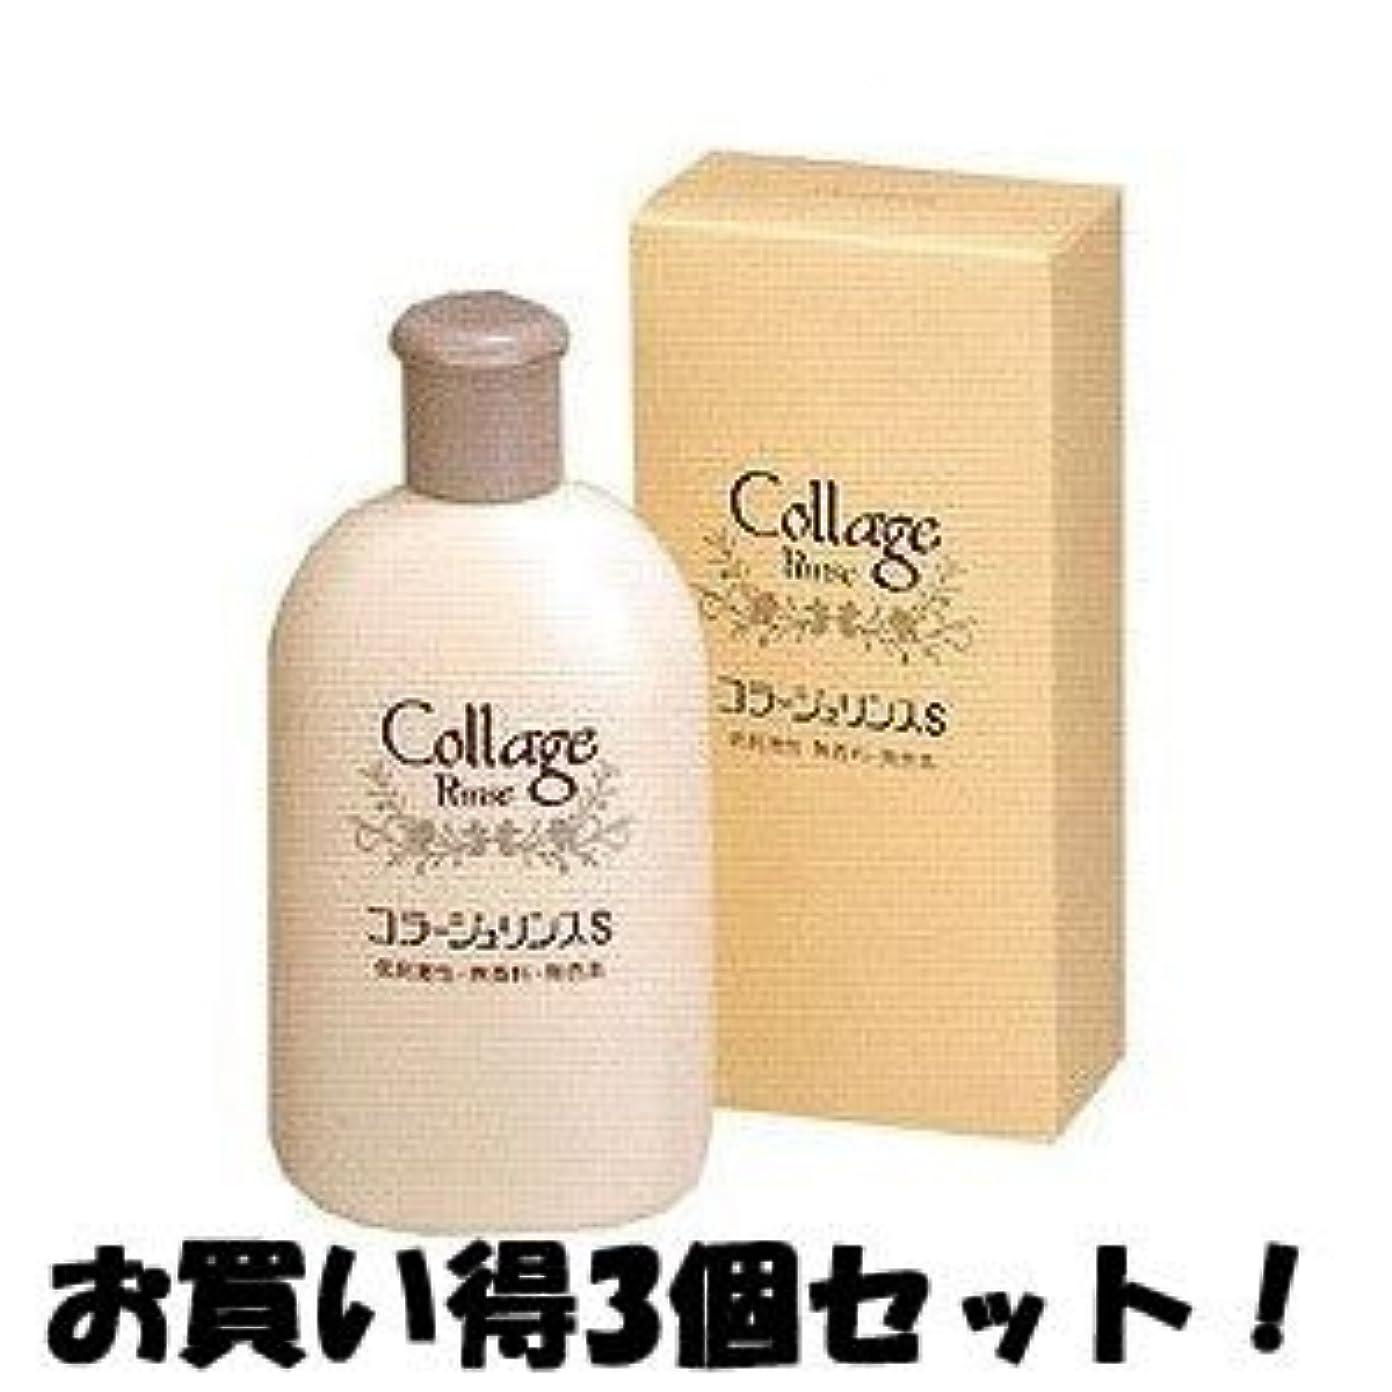 シリンダーオプショナル厚い(持田ヘルスケア)コラージュリンスS 200ml(お買い得3個セット)